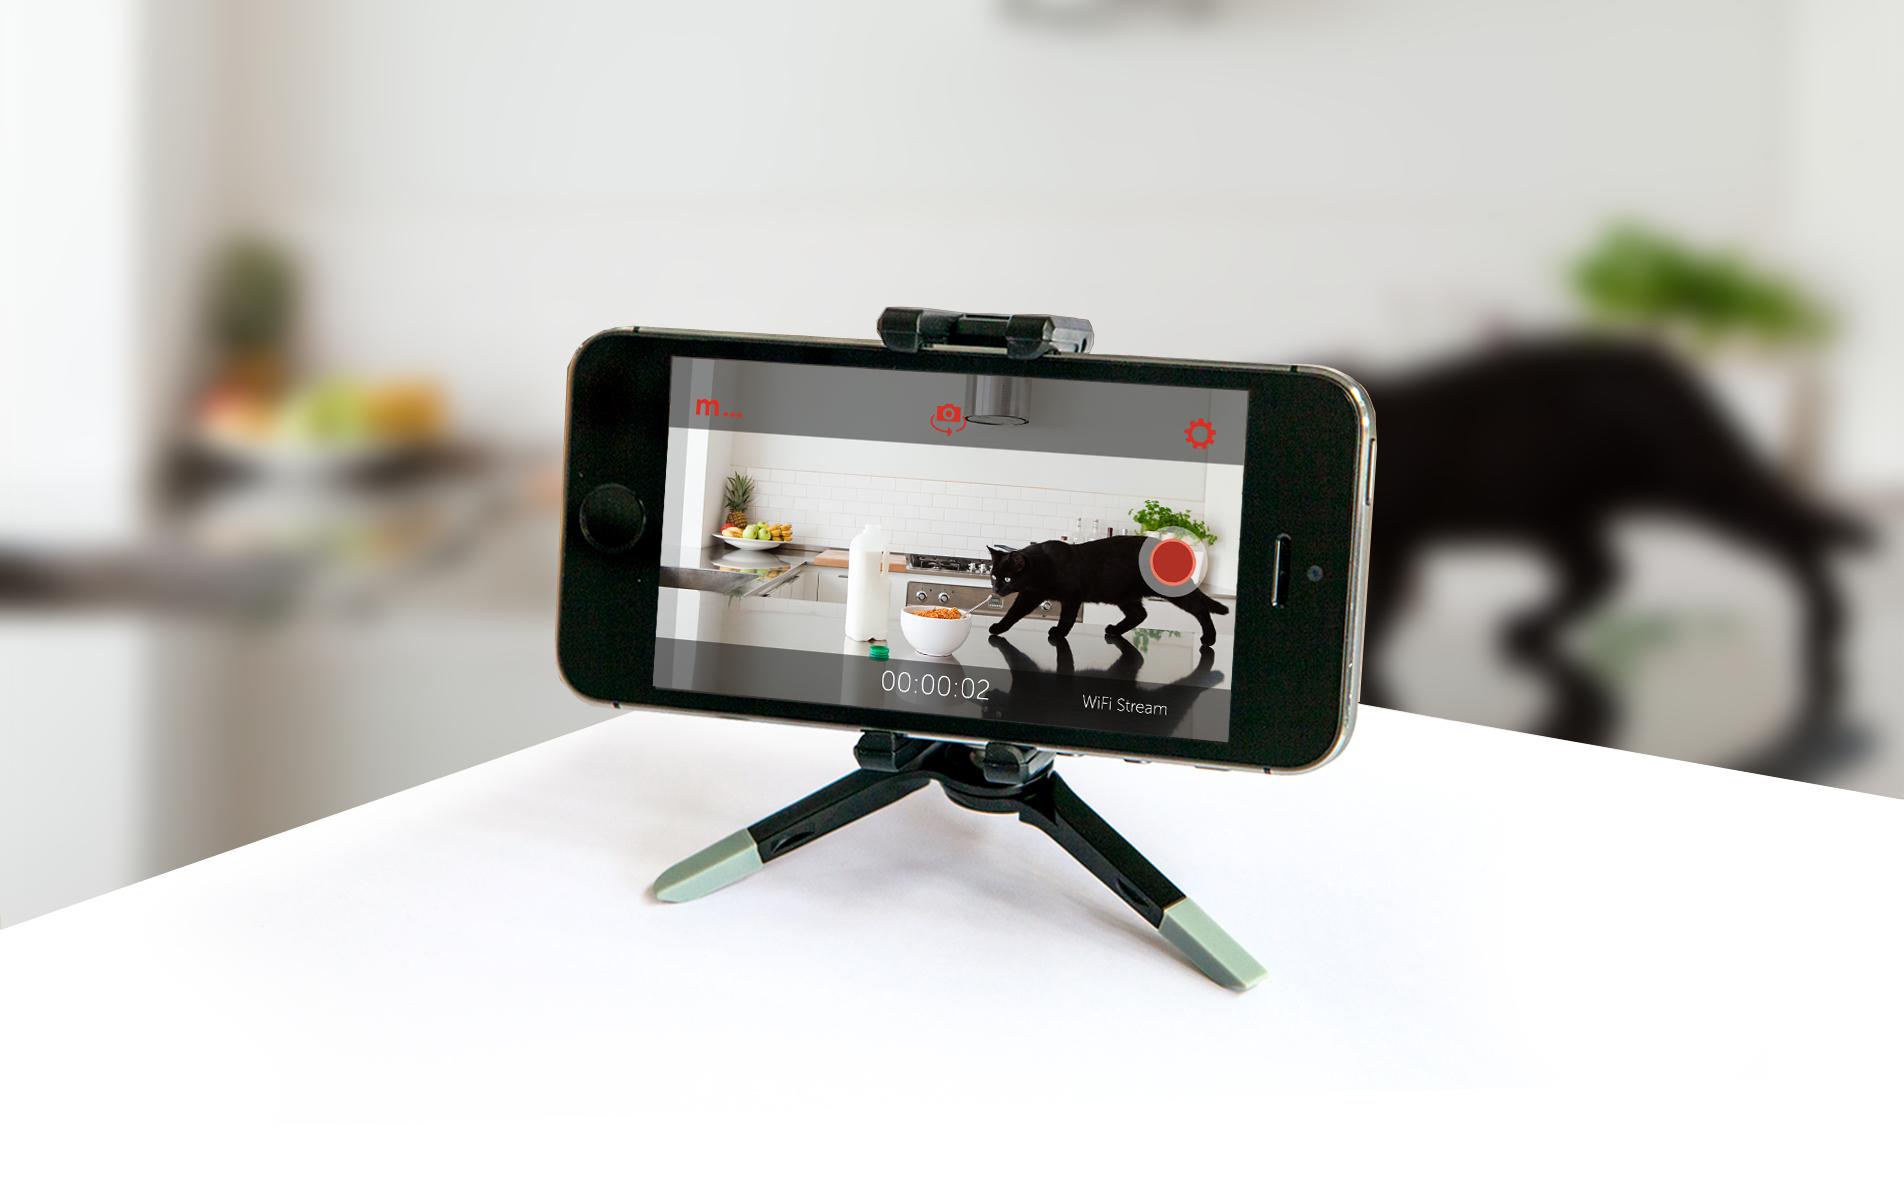 Staré smartphony nemusí ležet v šuplíku, mohou se proměnit třeba v bezpečnostní čidla